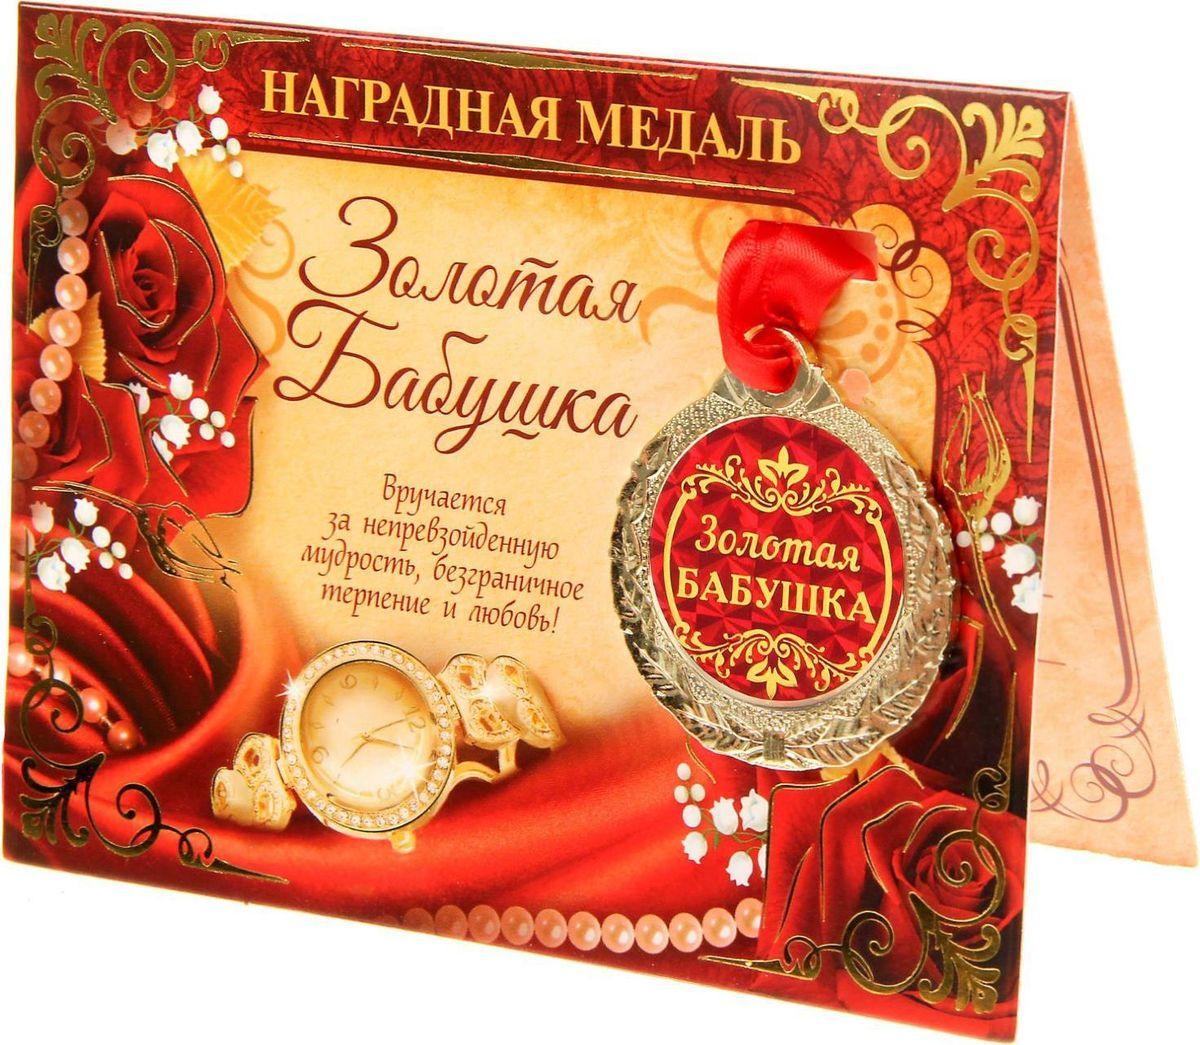 Медаль сувенирная Золотая бабушка, диаметр 4 см медаль сувенирная лучшие родители на свете диаметр 4 см